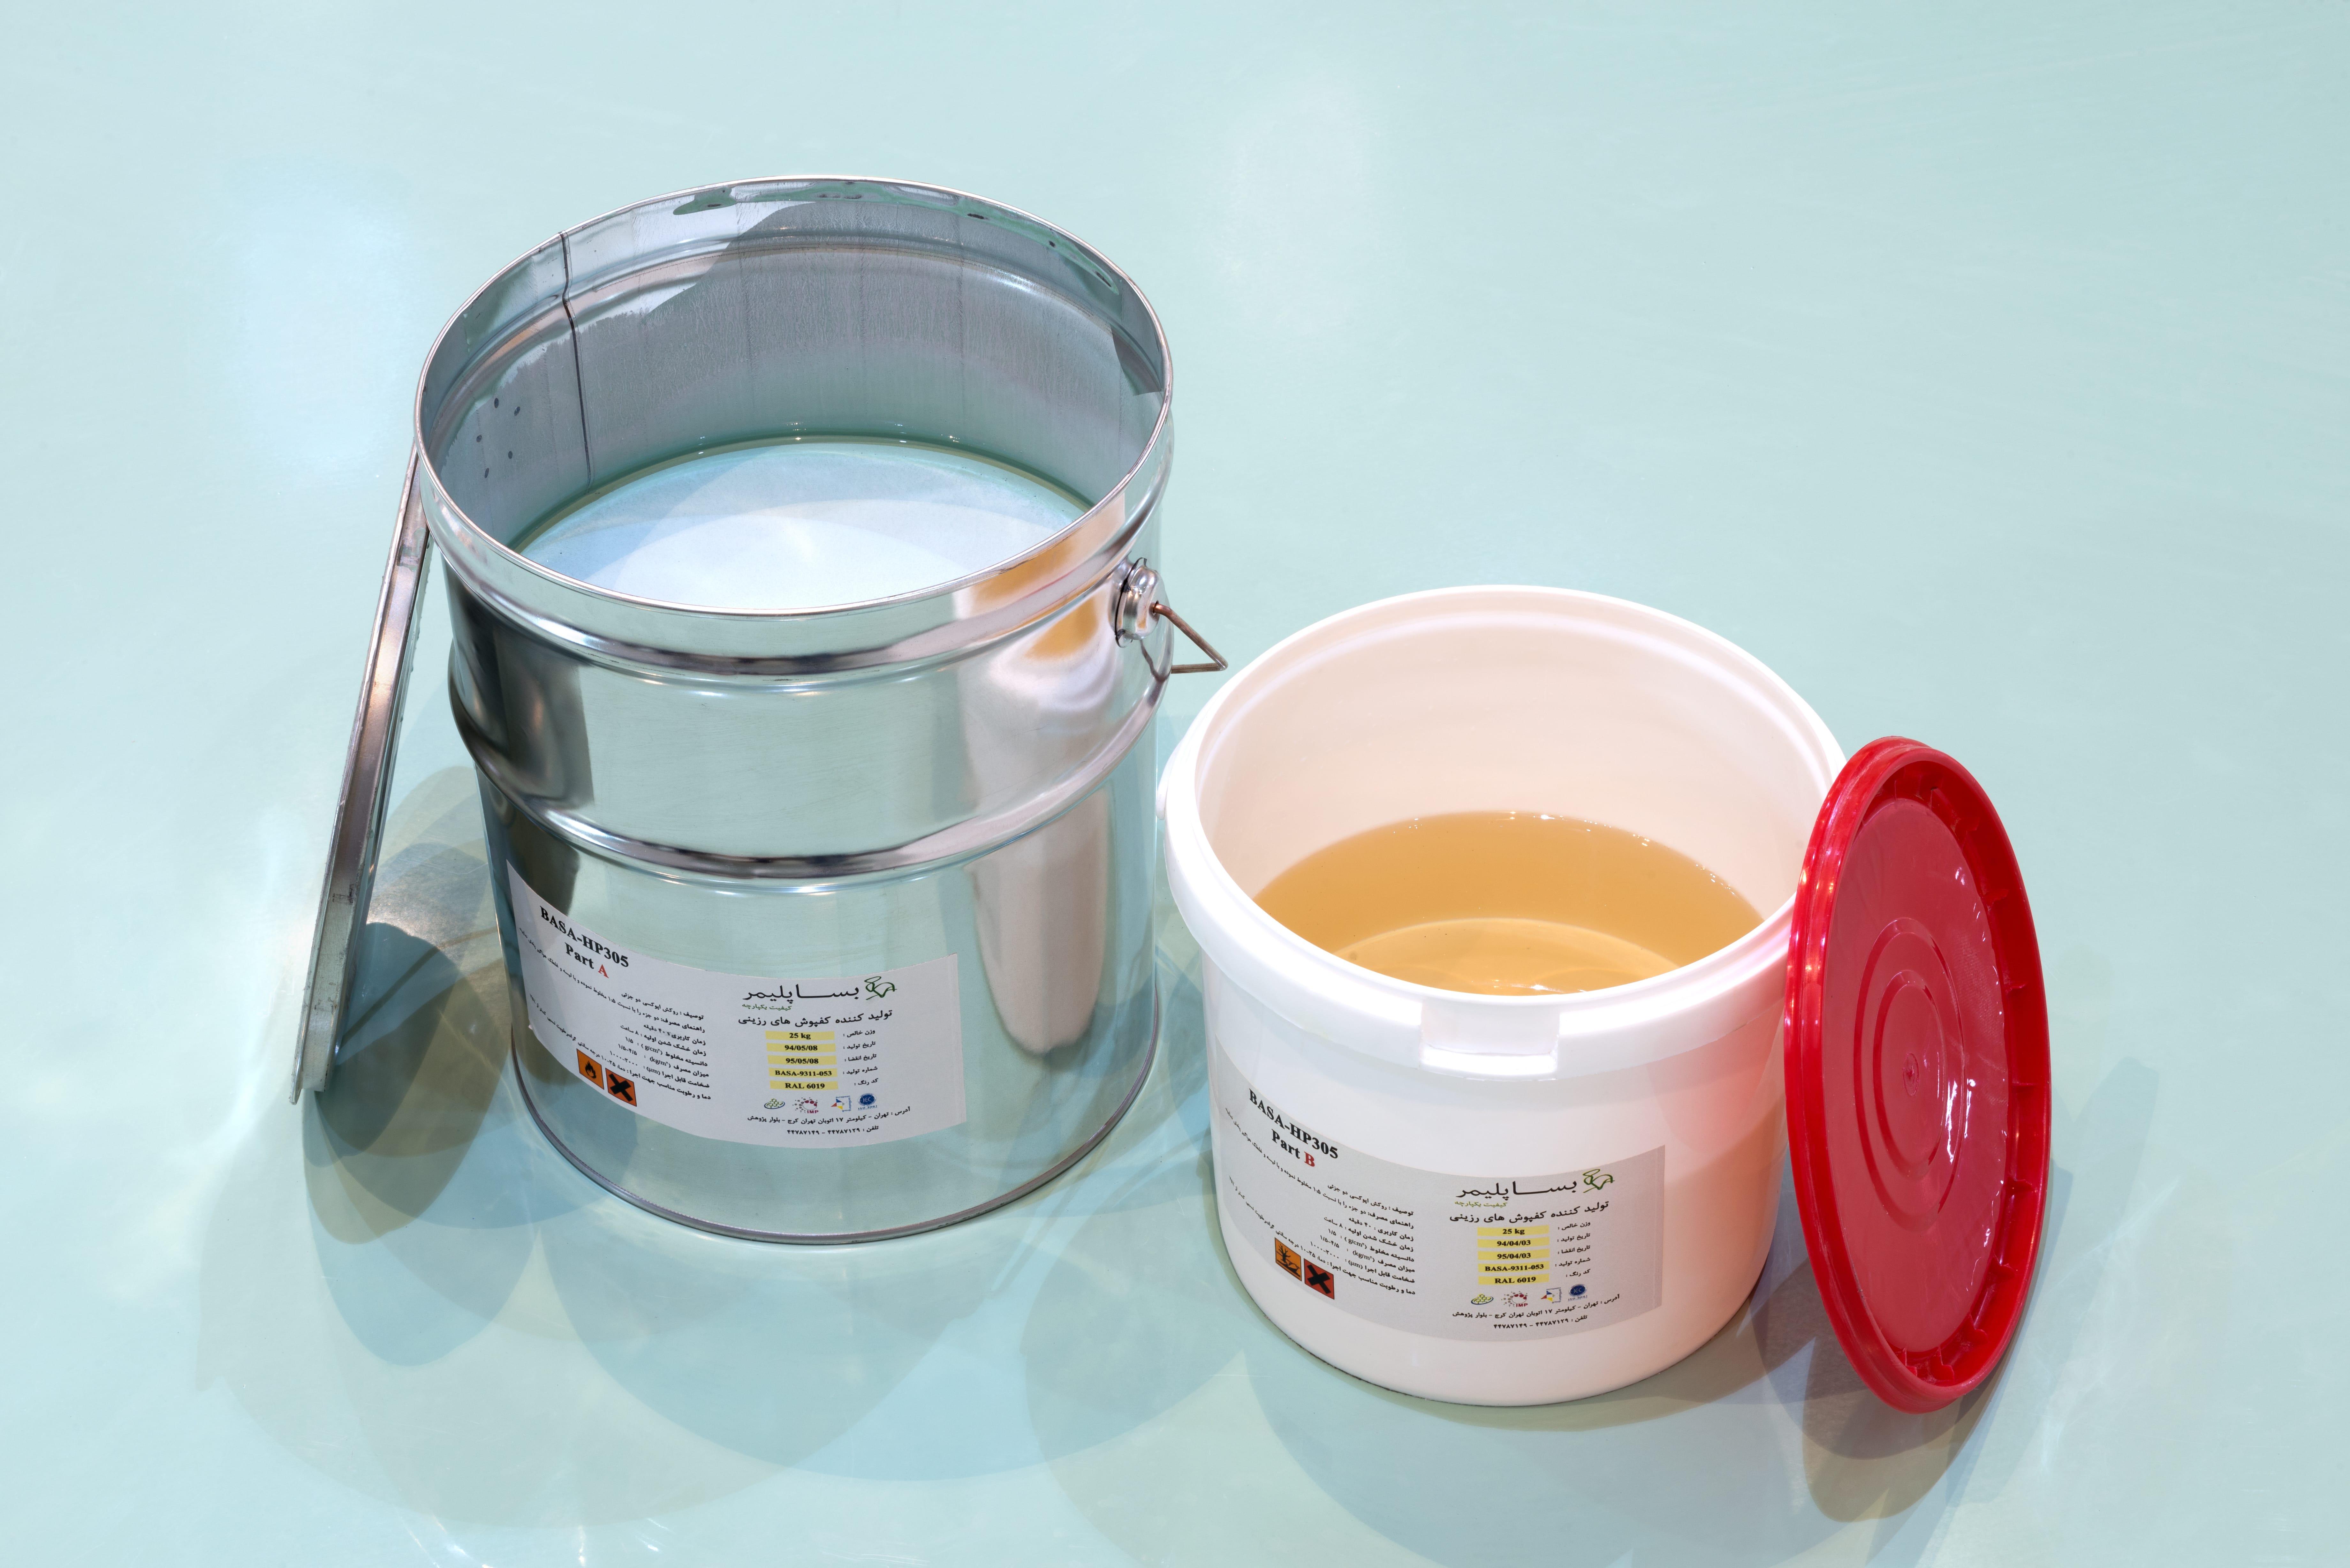 عرضهی سالانه 150 تن نانوکفپوش مایع ساخت داخل به مراکز درمانی و صنعتی